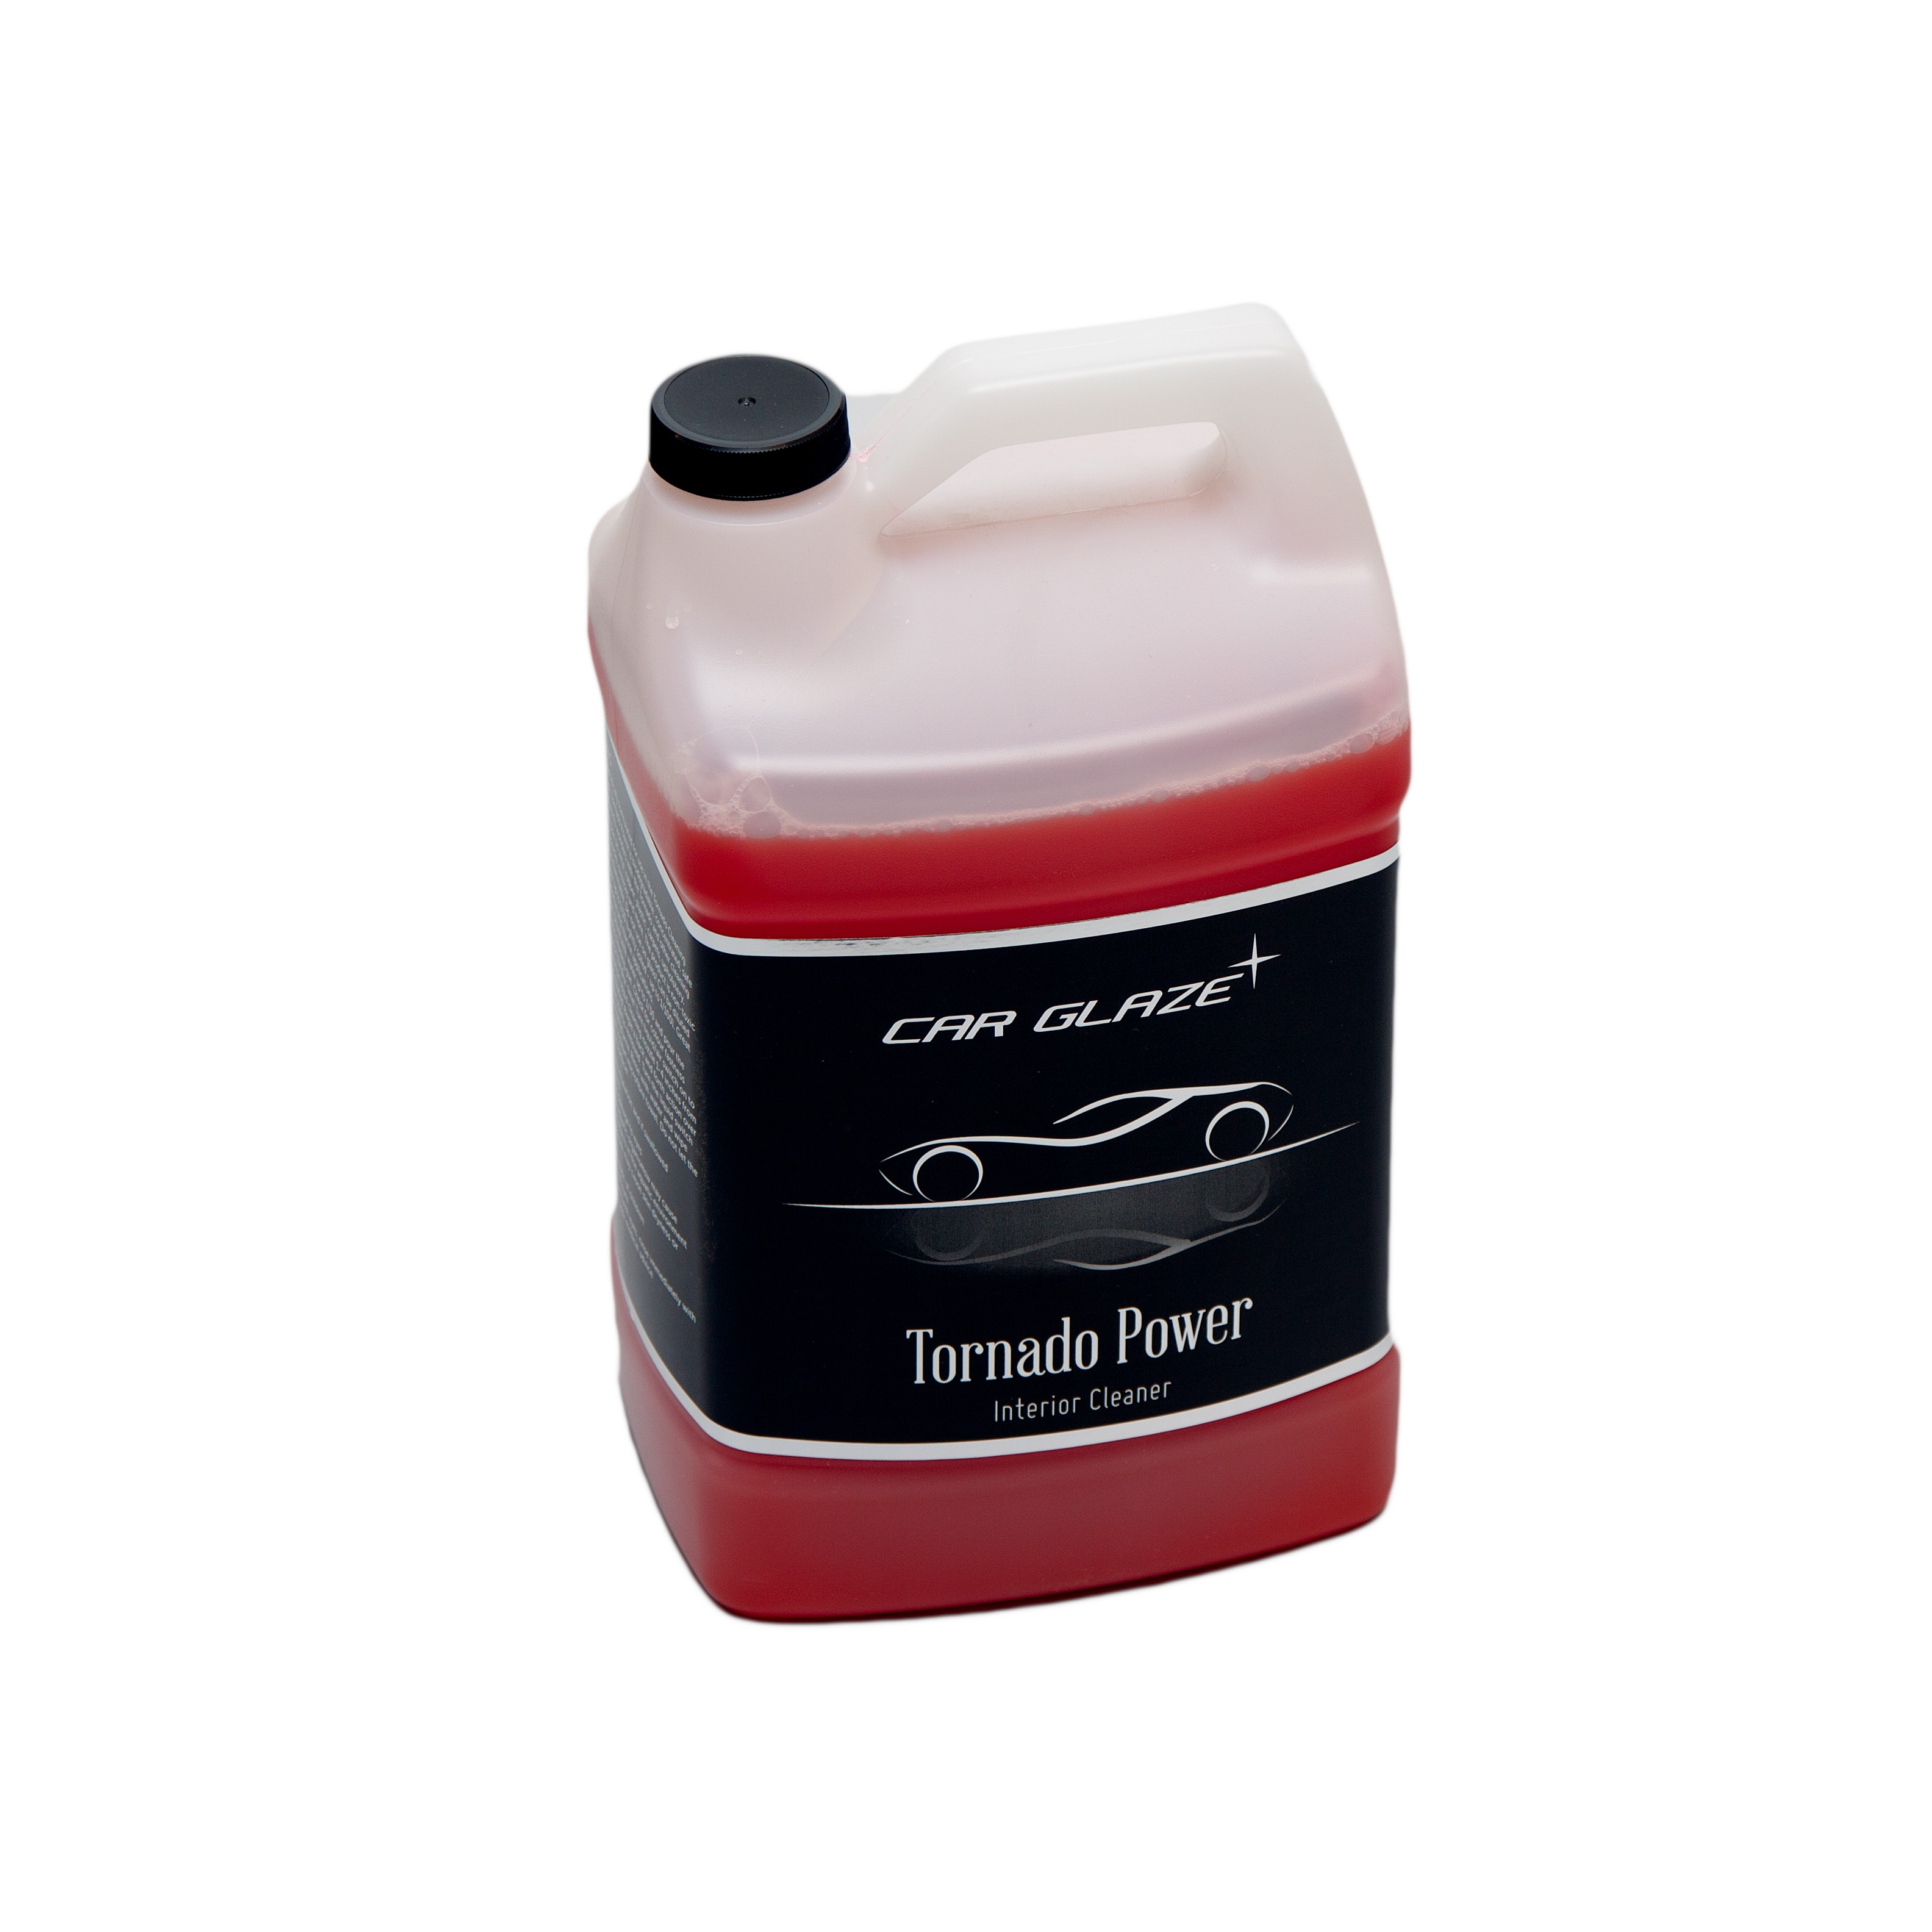 TORNADO POWER  - Car Glaze -  специальная жидкостьTornador для очистки поверхностей внутри салона